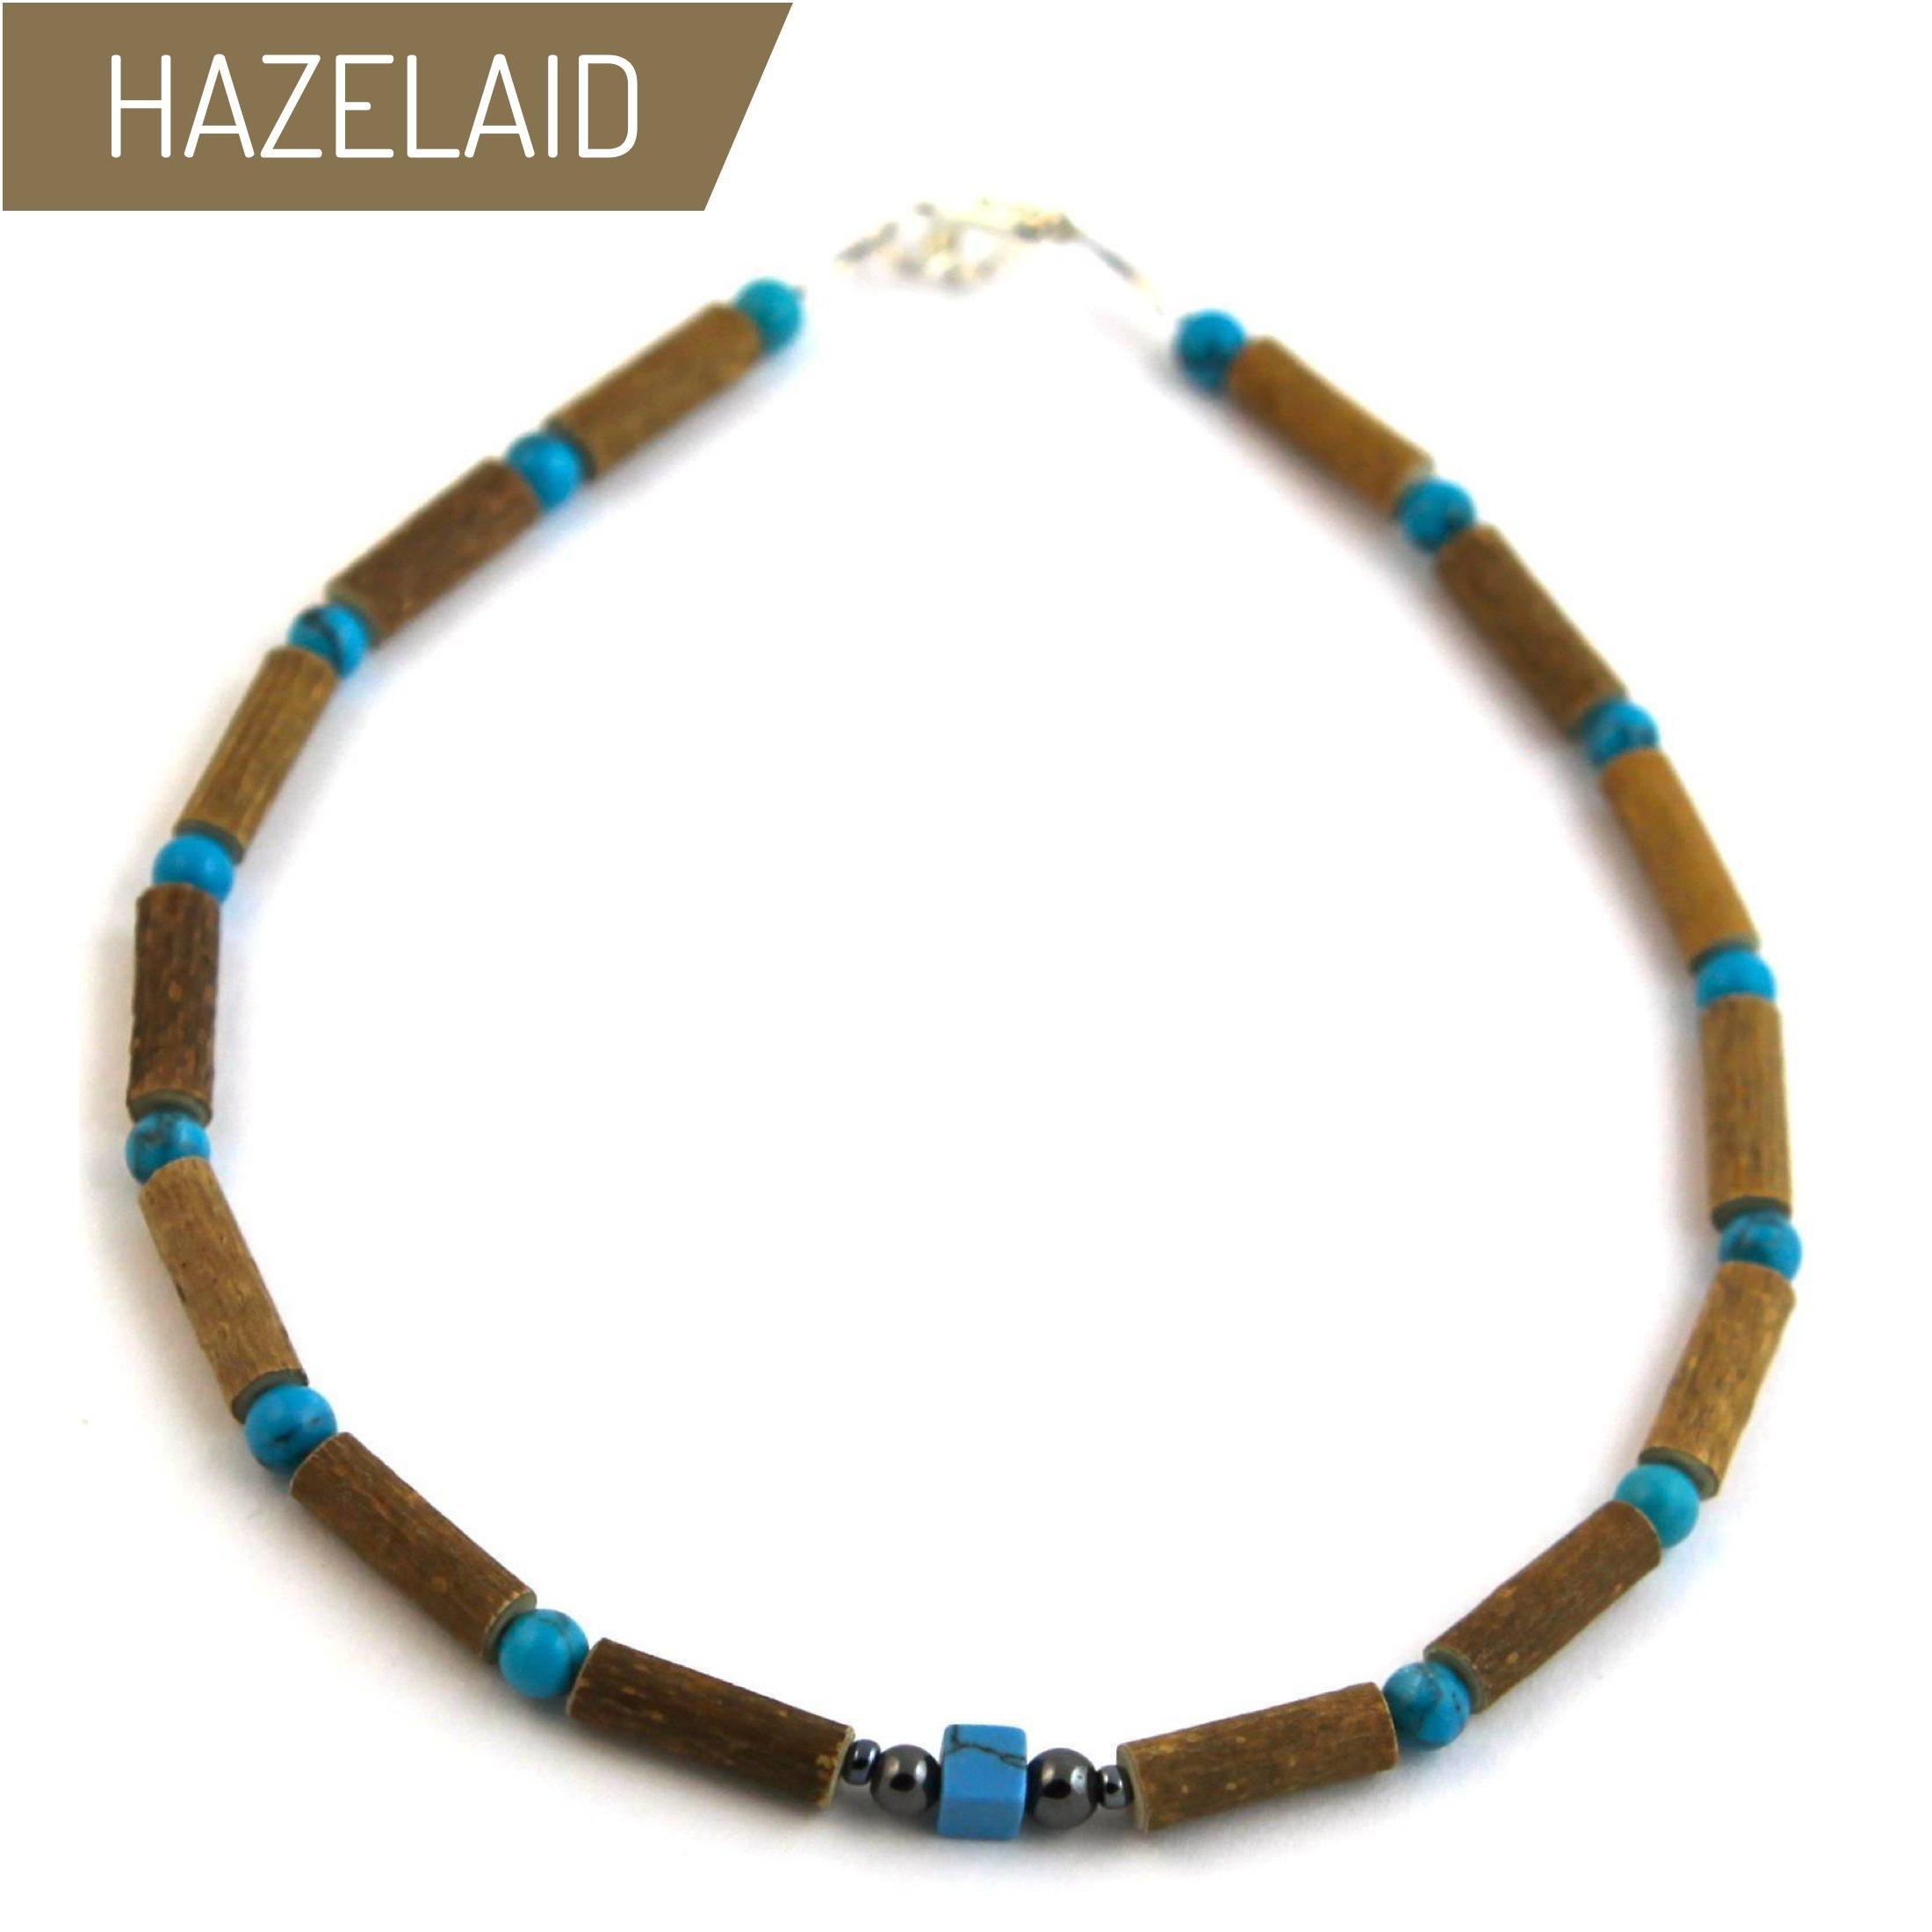 Hazelaid (TM) Child Hazelwood-Gemstone Necklace - 11'' Turquoise